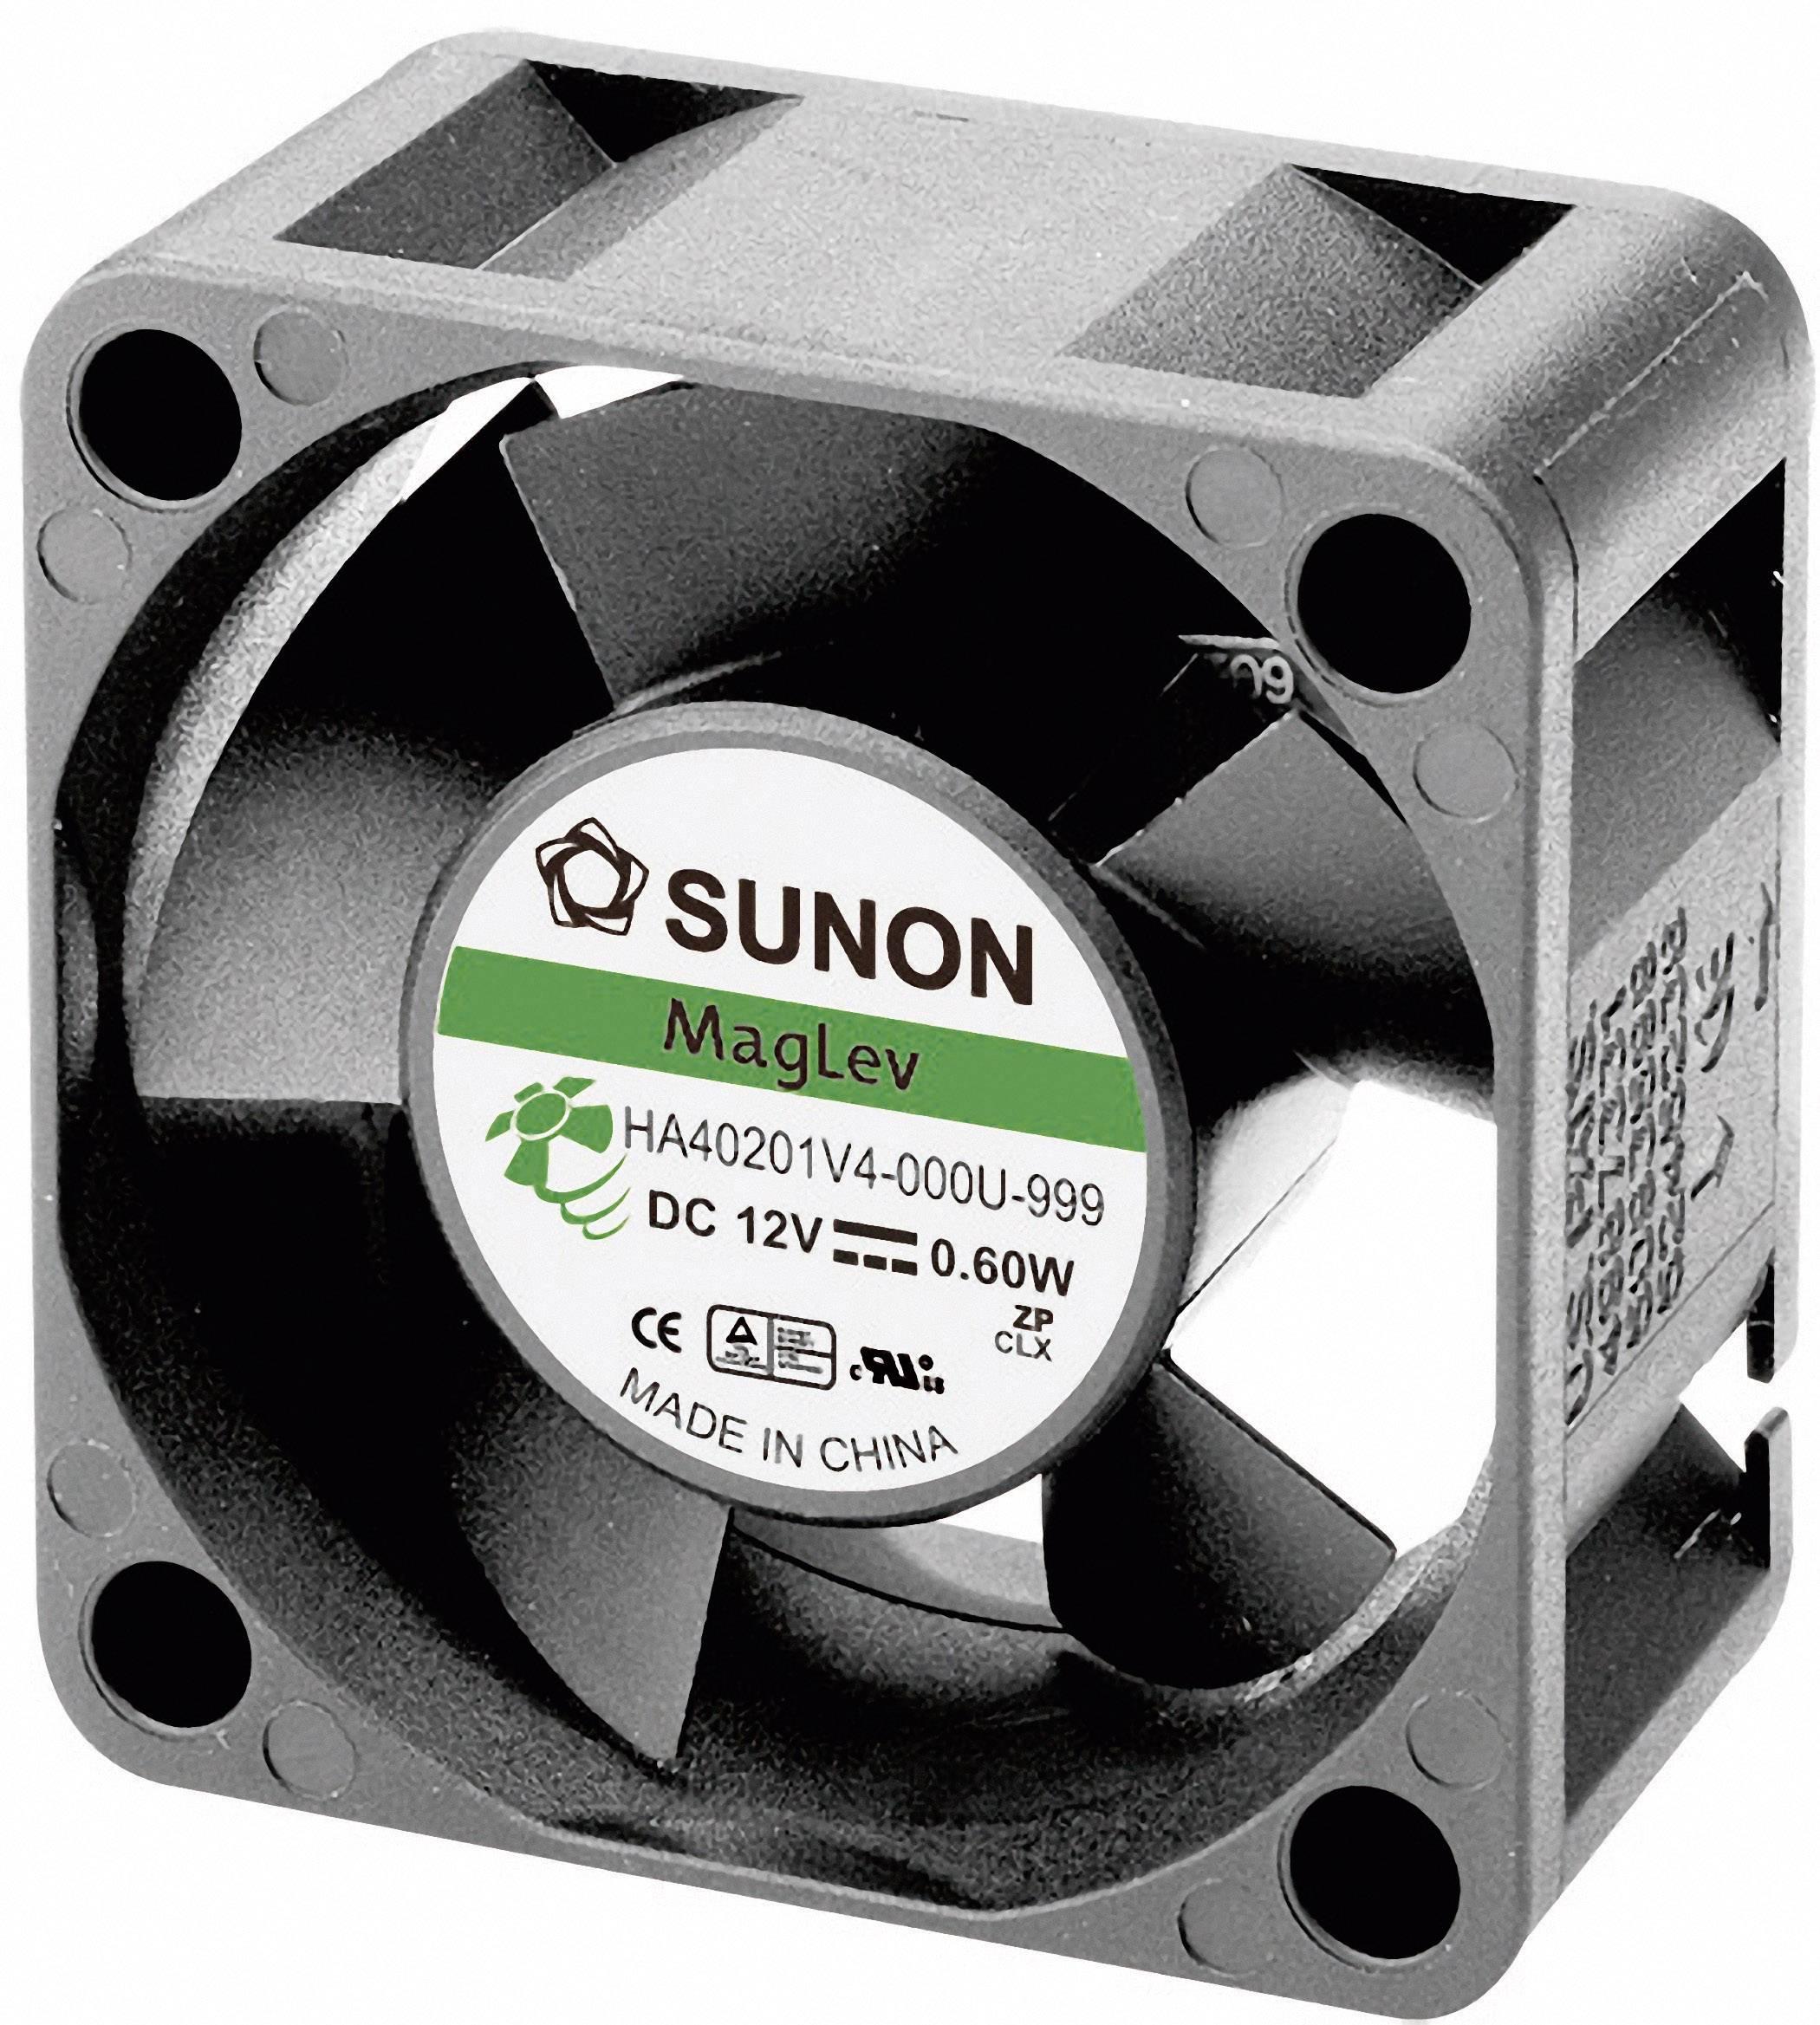 Axiální ventilátor SUNON® Super Silence MAGLev® HA40201V4-0000-999, 12 V/DC, 12.8 dB